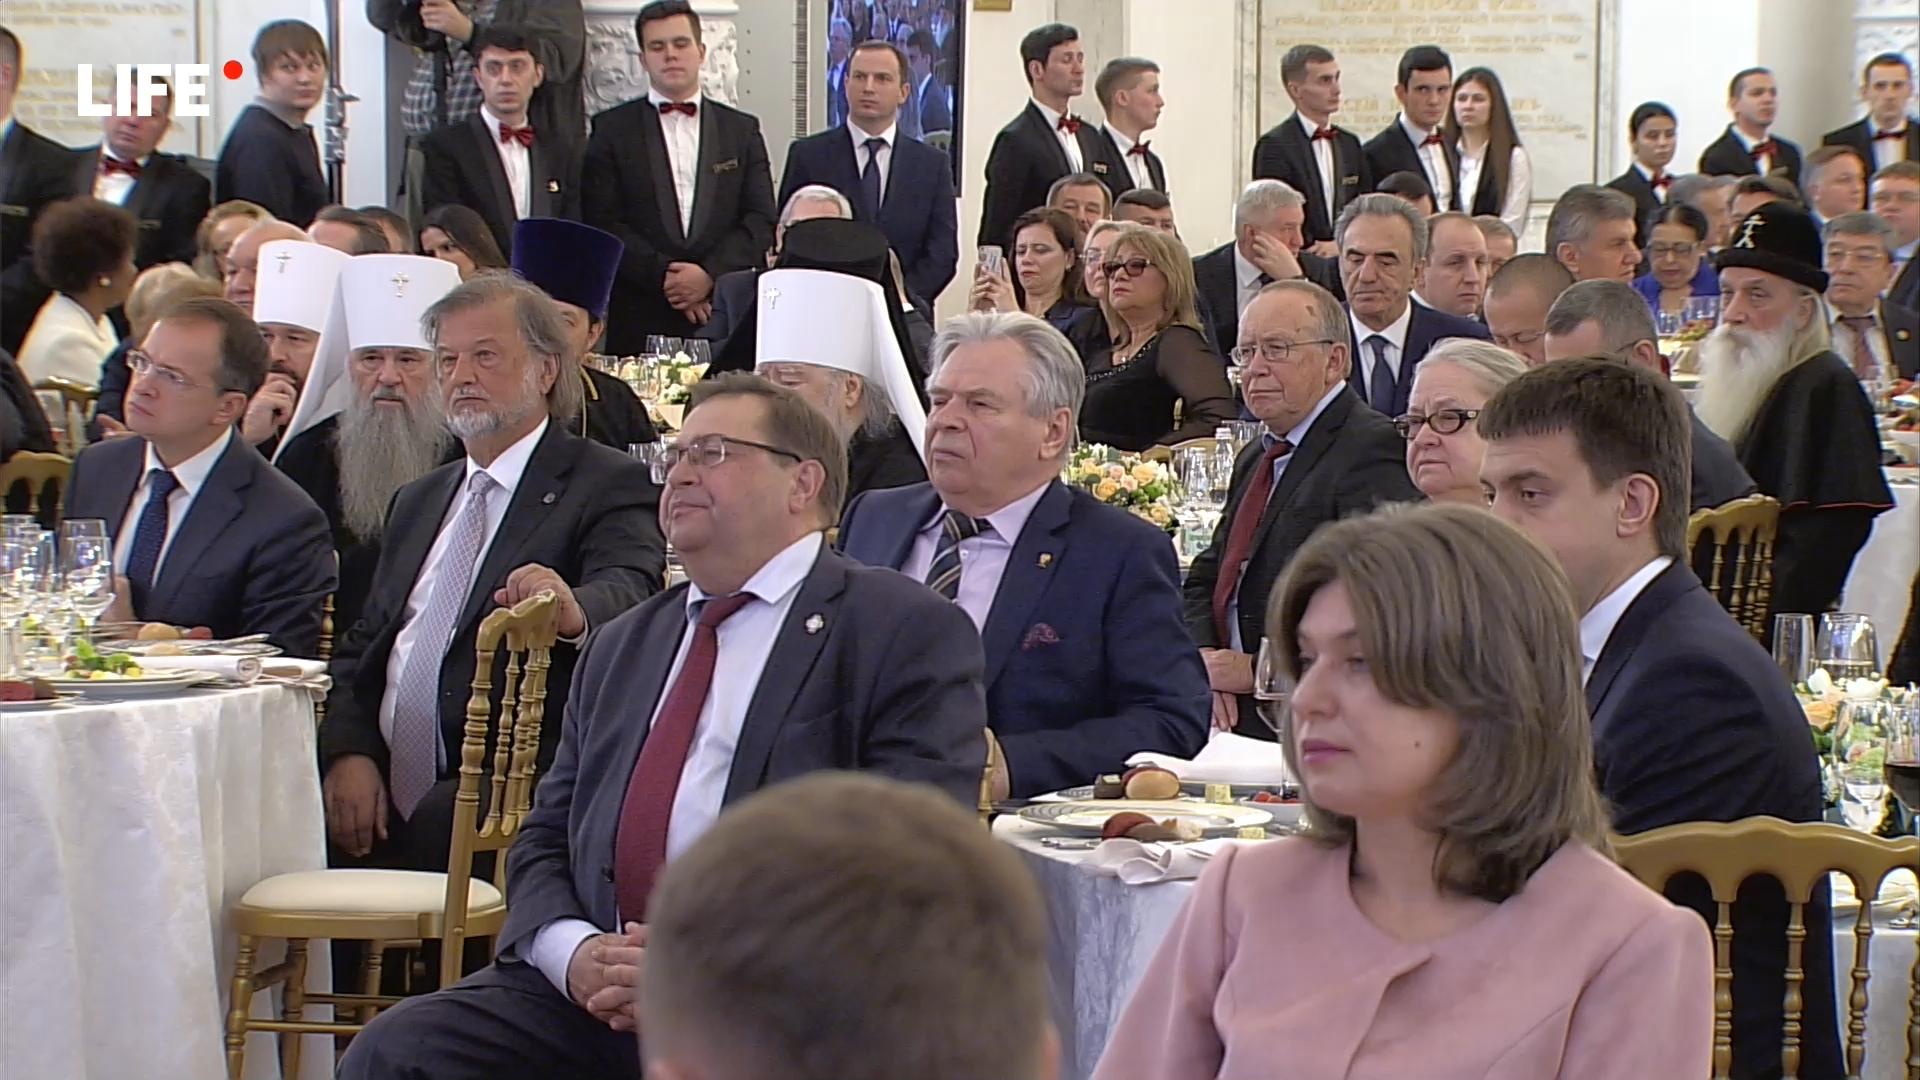 51-20191104-Прямая трансляция- Путин вручает госнаграды в День народного единства - «Life.ru» — информационный портал